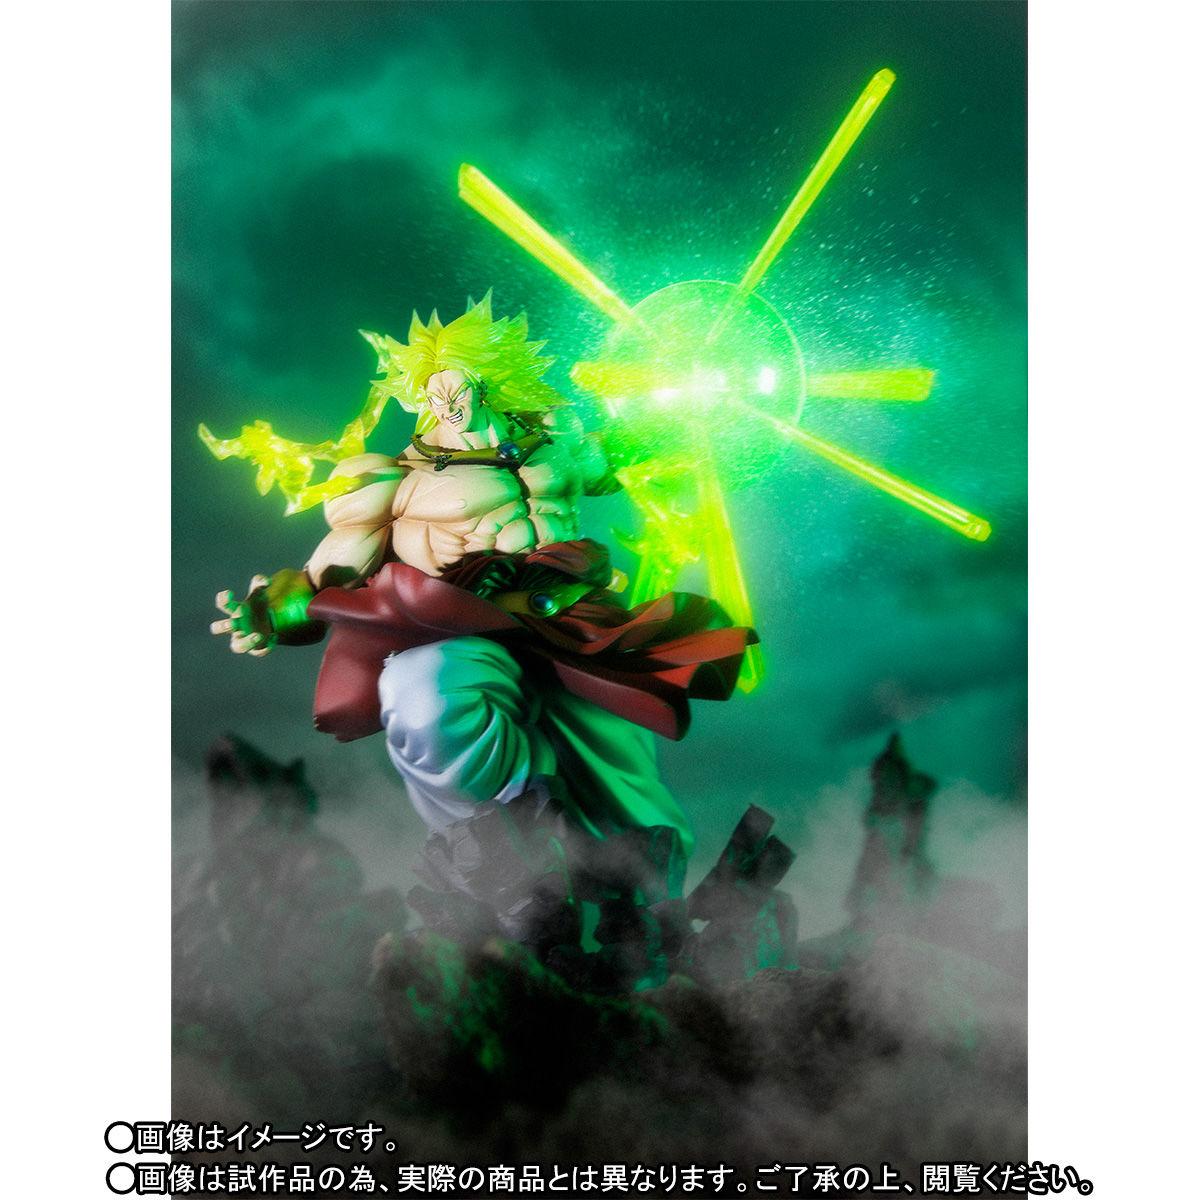 フィギュアーツZERO『スーパーサイヤ人ブロリー -熱戦-』ドラゴンボールZ 完成品フィギュア-007